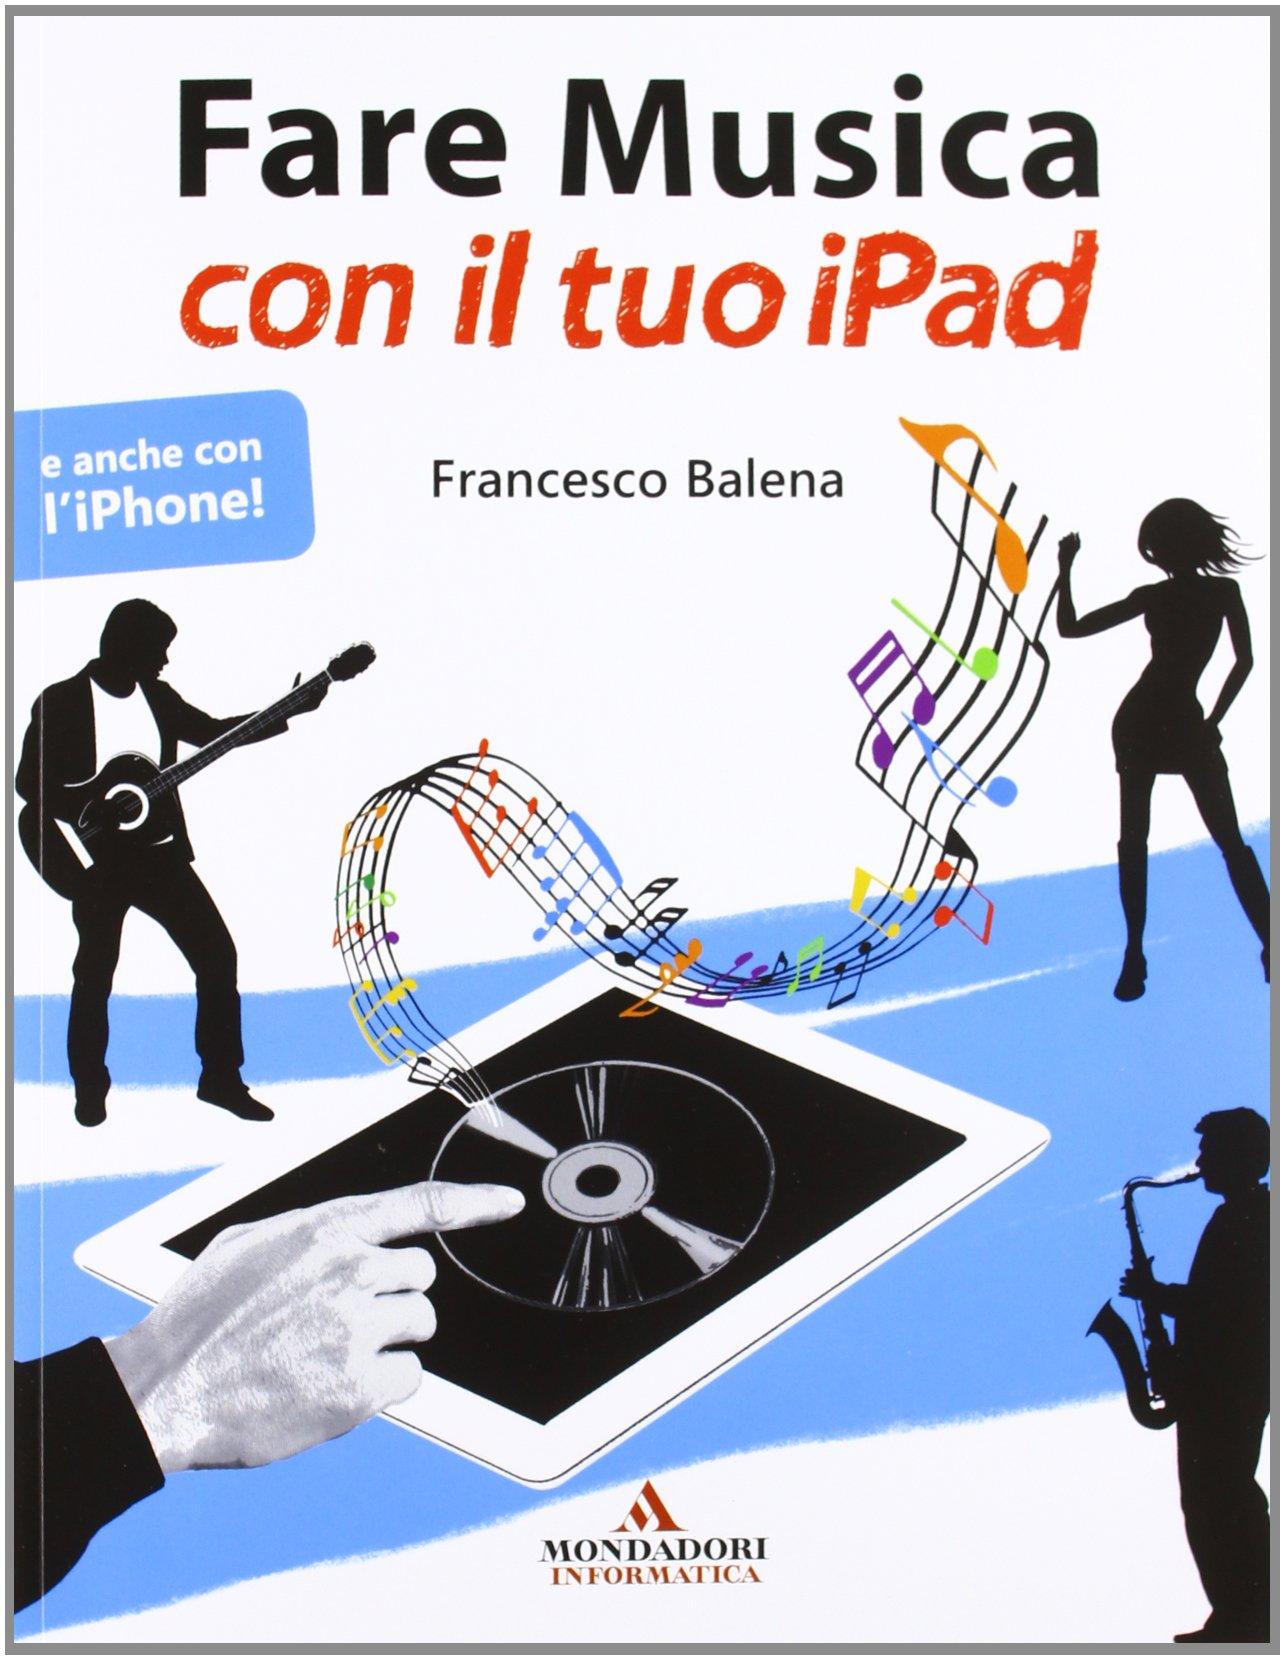 Amazon it: Fare musica con il tuo iPad - Francesco Balena